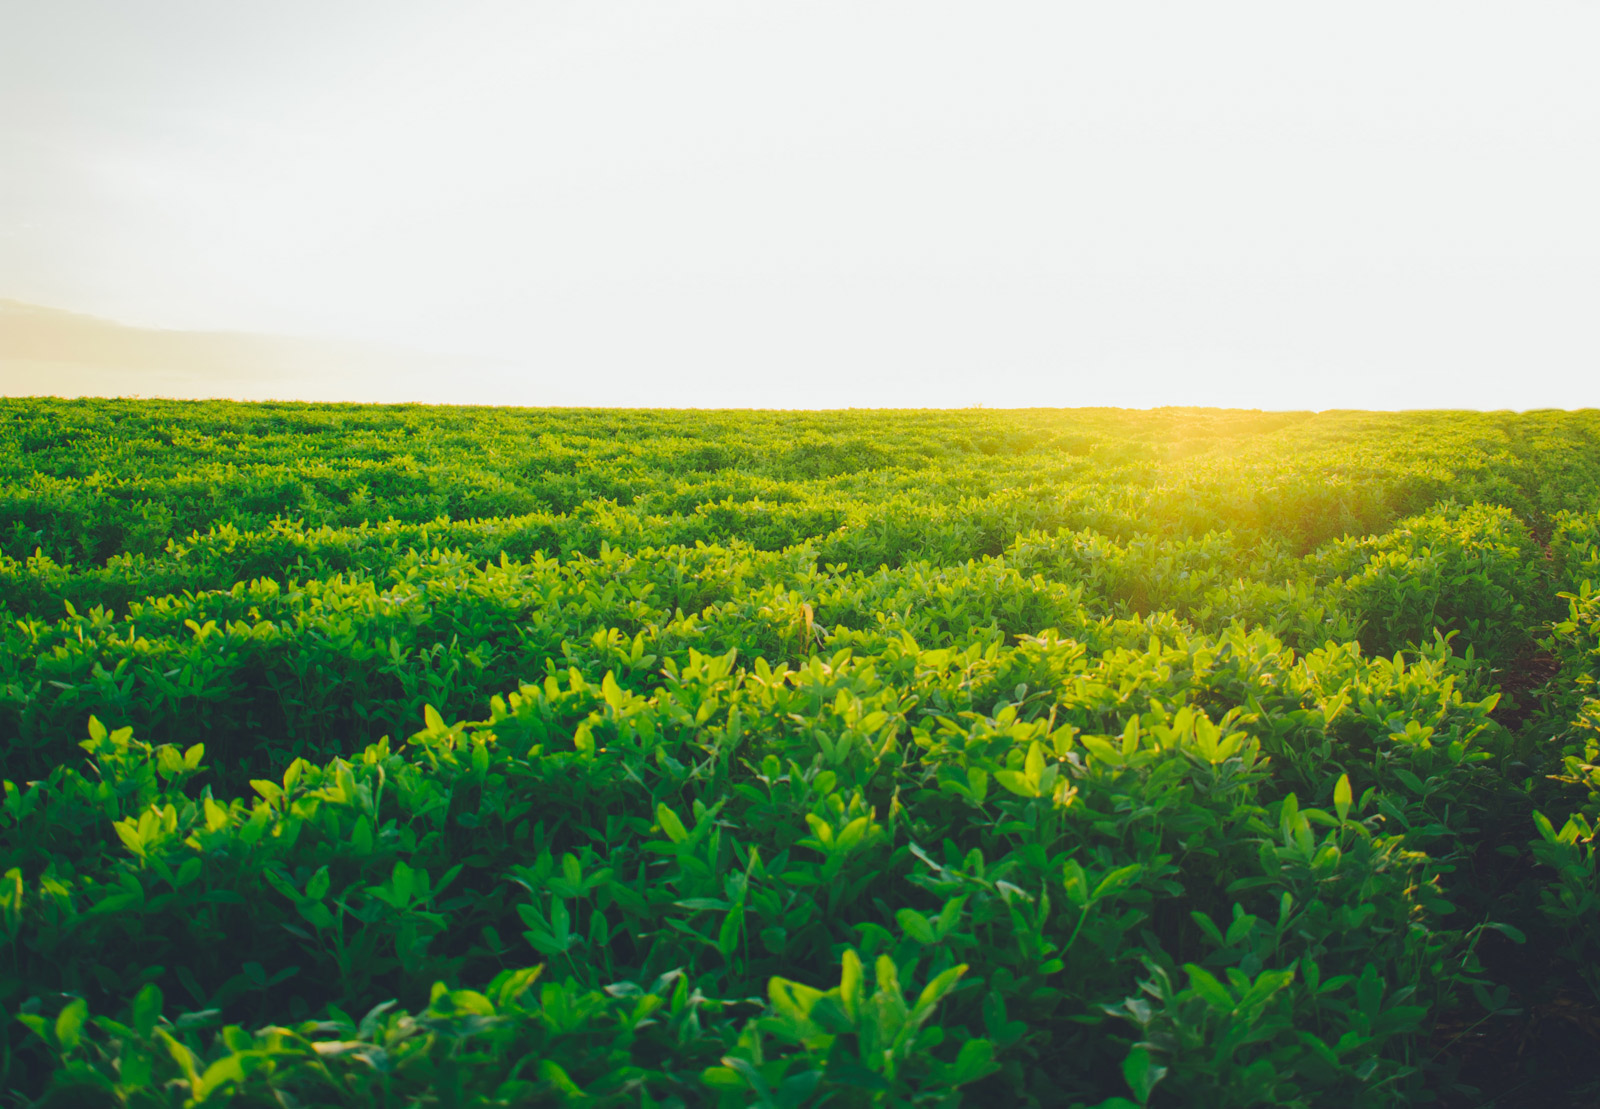 Im Vordergrund sieht man ein grünes Ackerland. Im Hintergrund scheint die Sonne aufs Feld und man sieht in der Ferne die Siluette einer Hügellandschaft in der oberen linken Bildseite